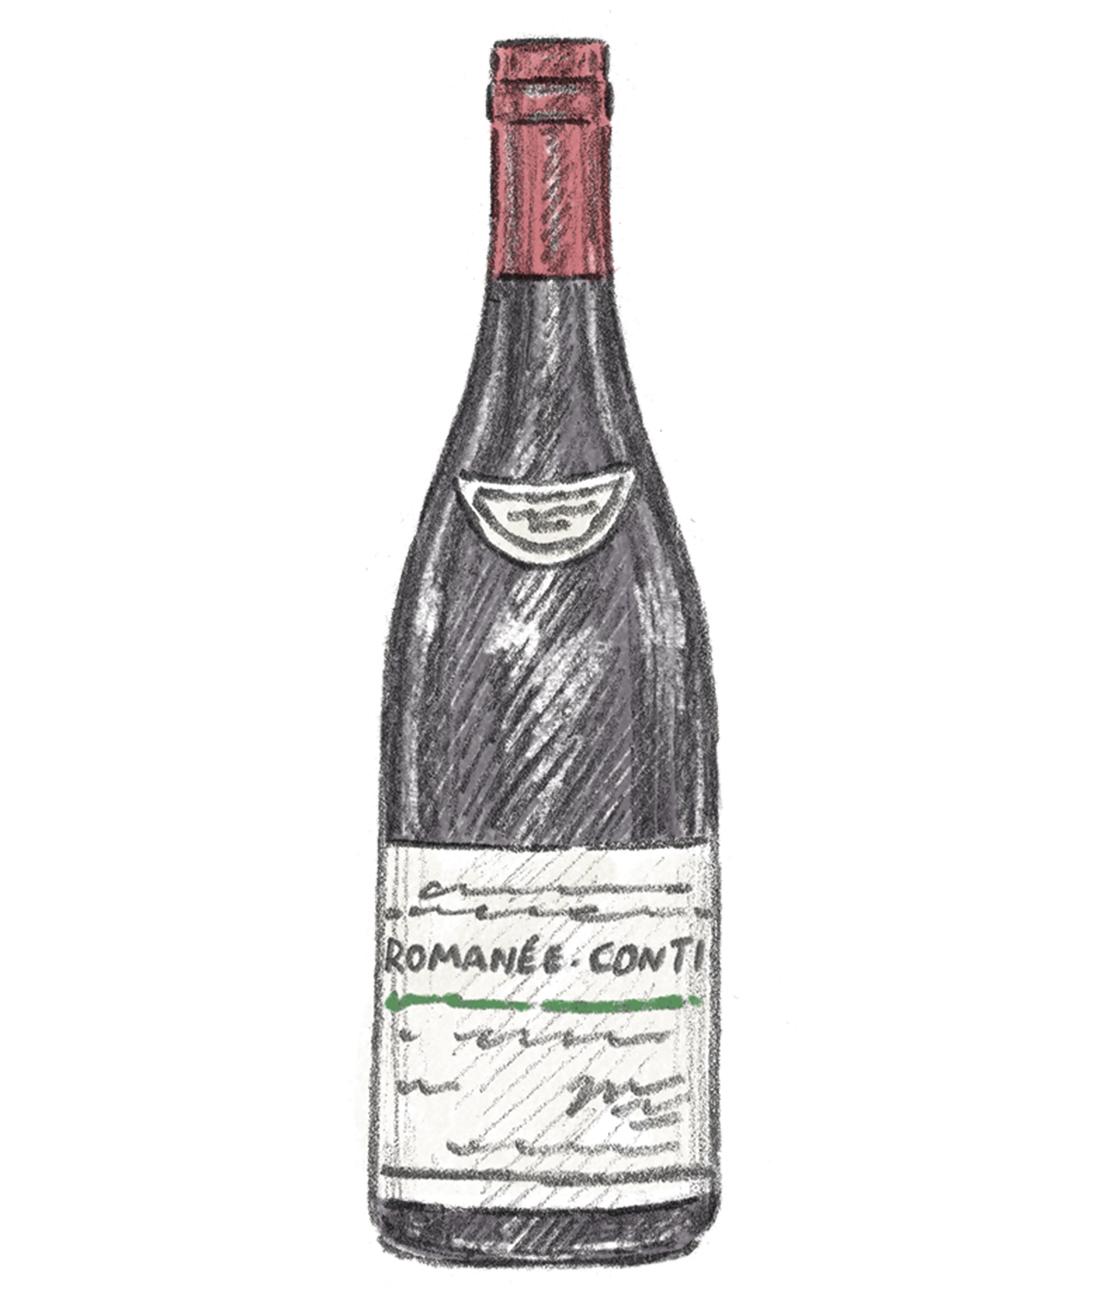 ロマネ・コンティ 1998 ドメーヌ・ド・ラ・ロマネ・コンティ